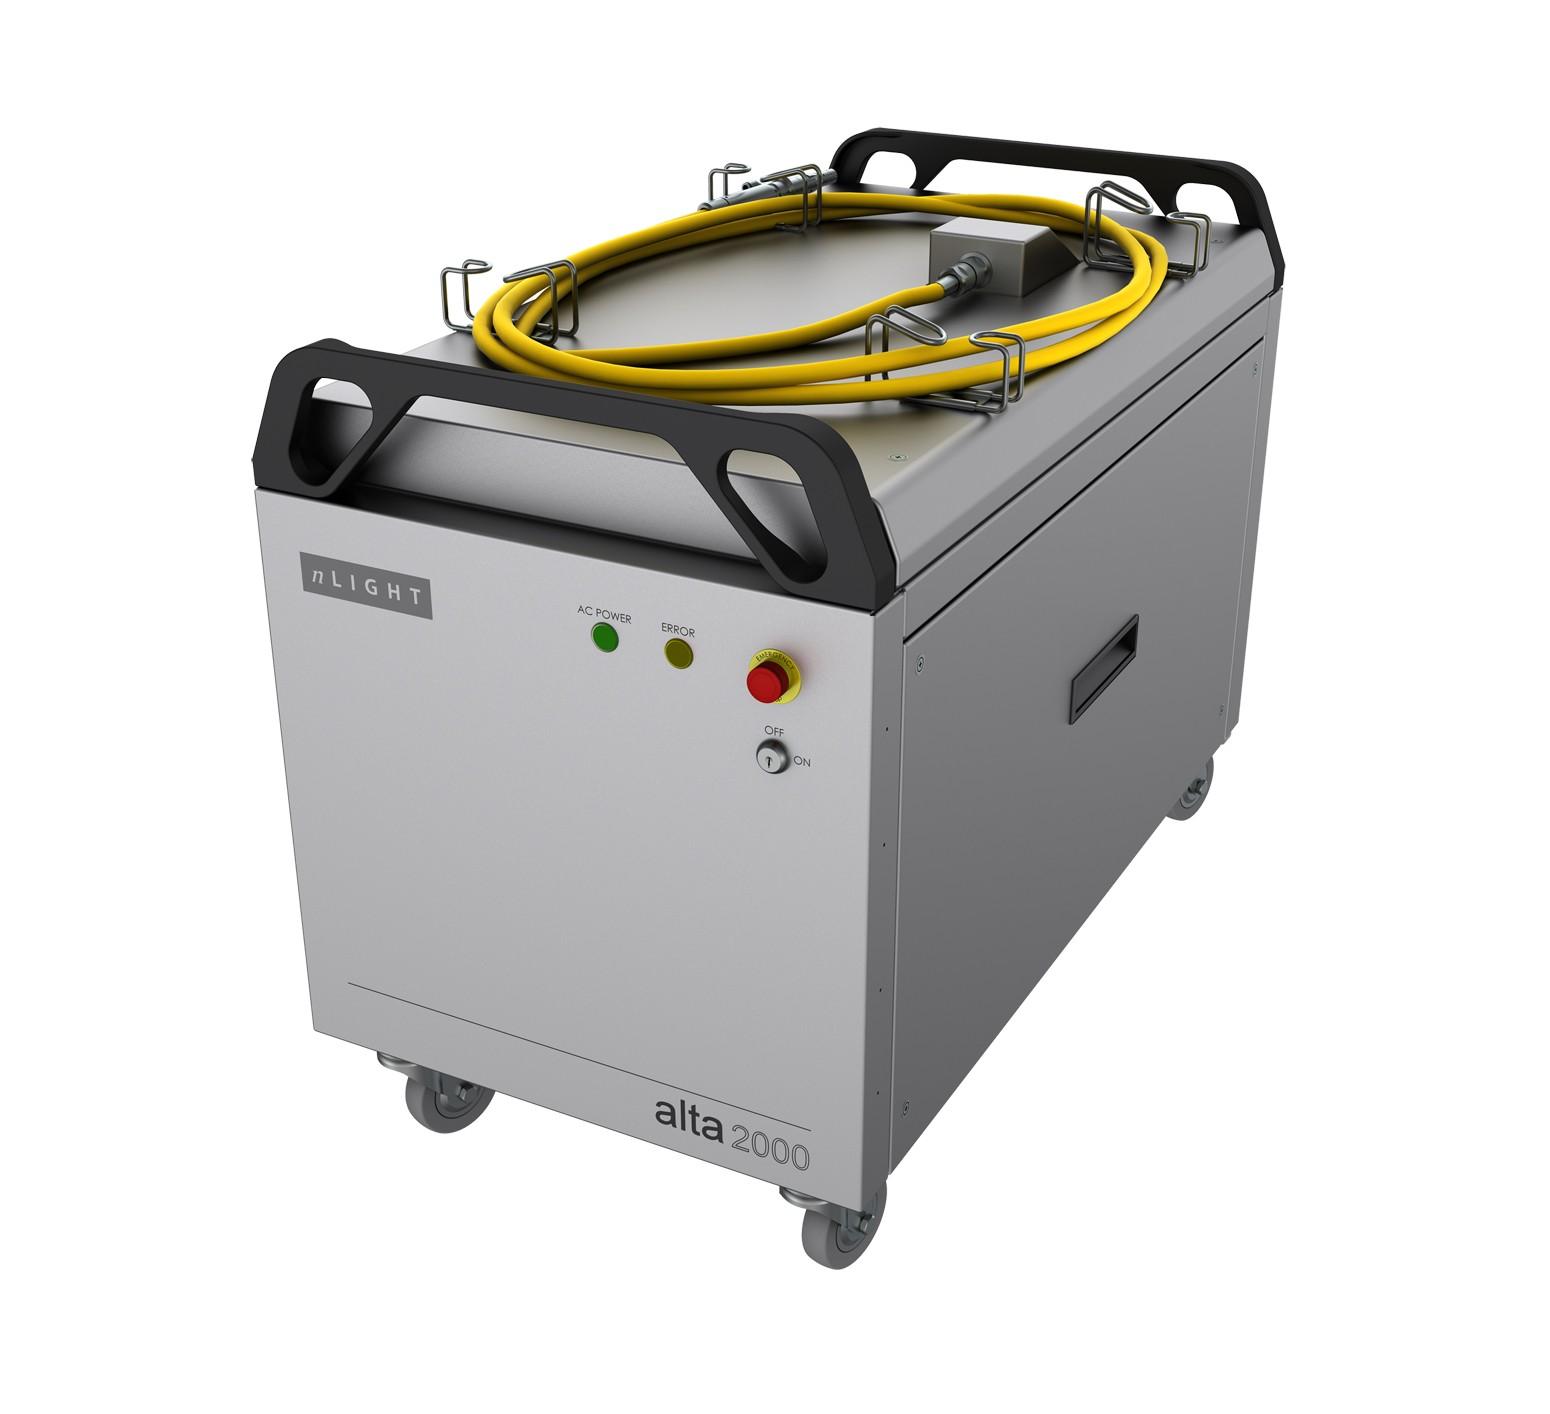 恩耐激光正式发布全新产品:Compact高功率光纤激光器